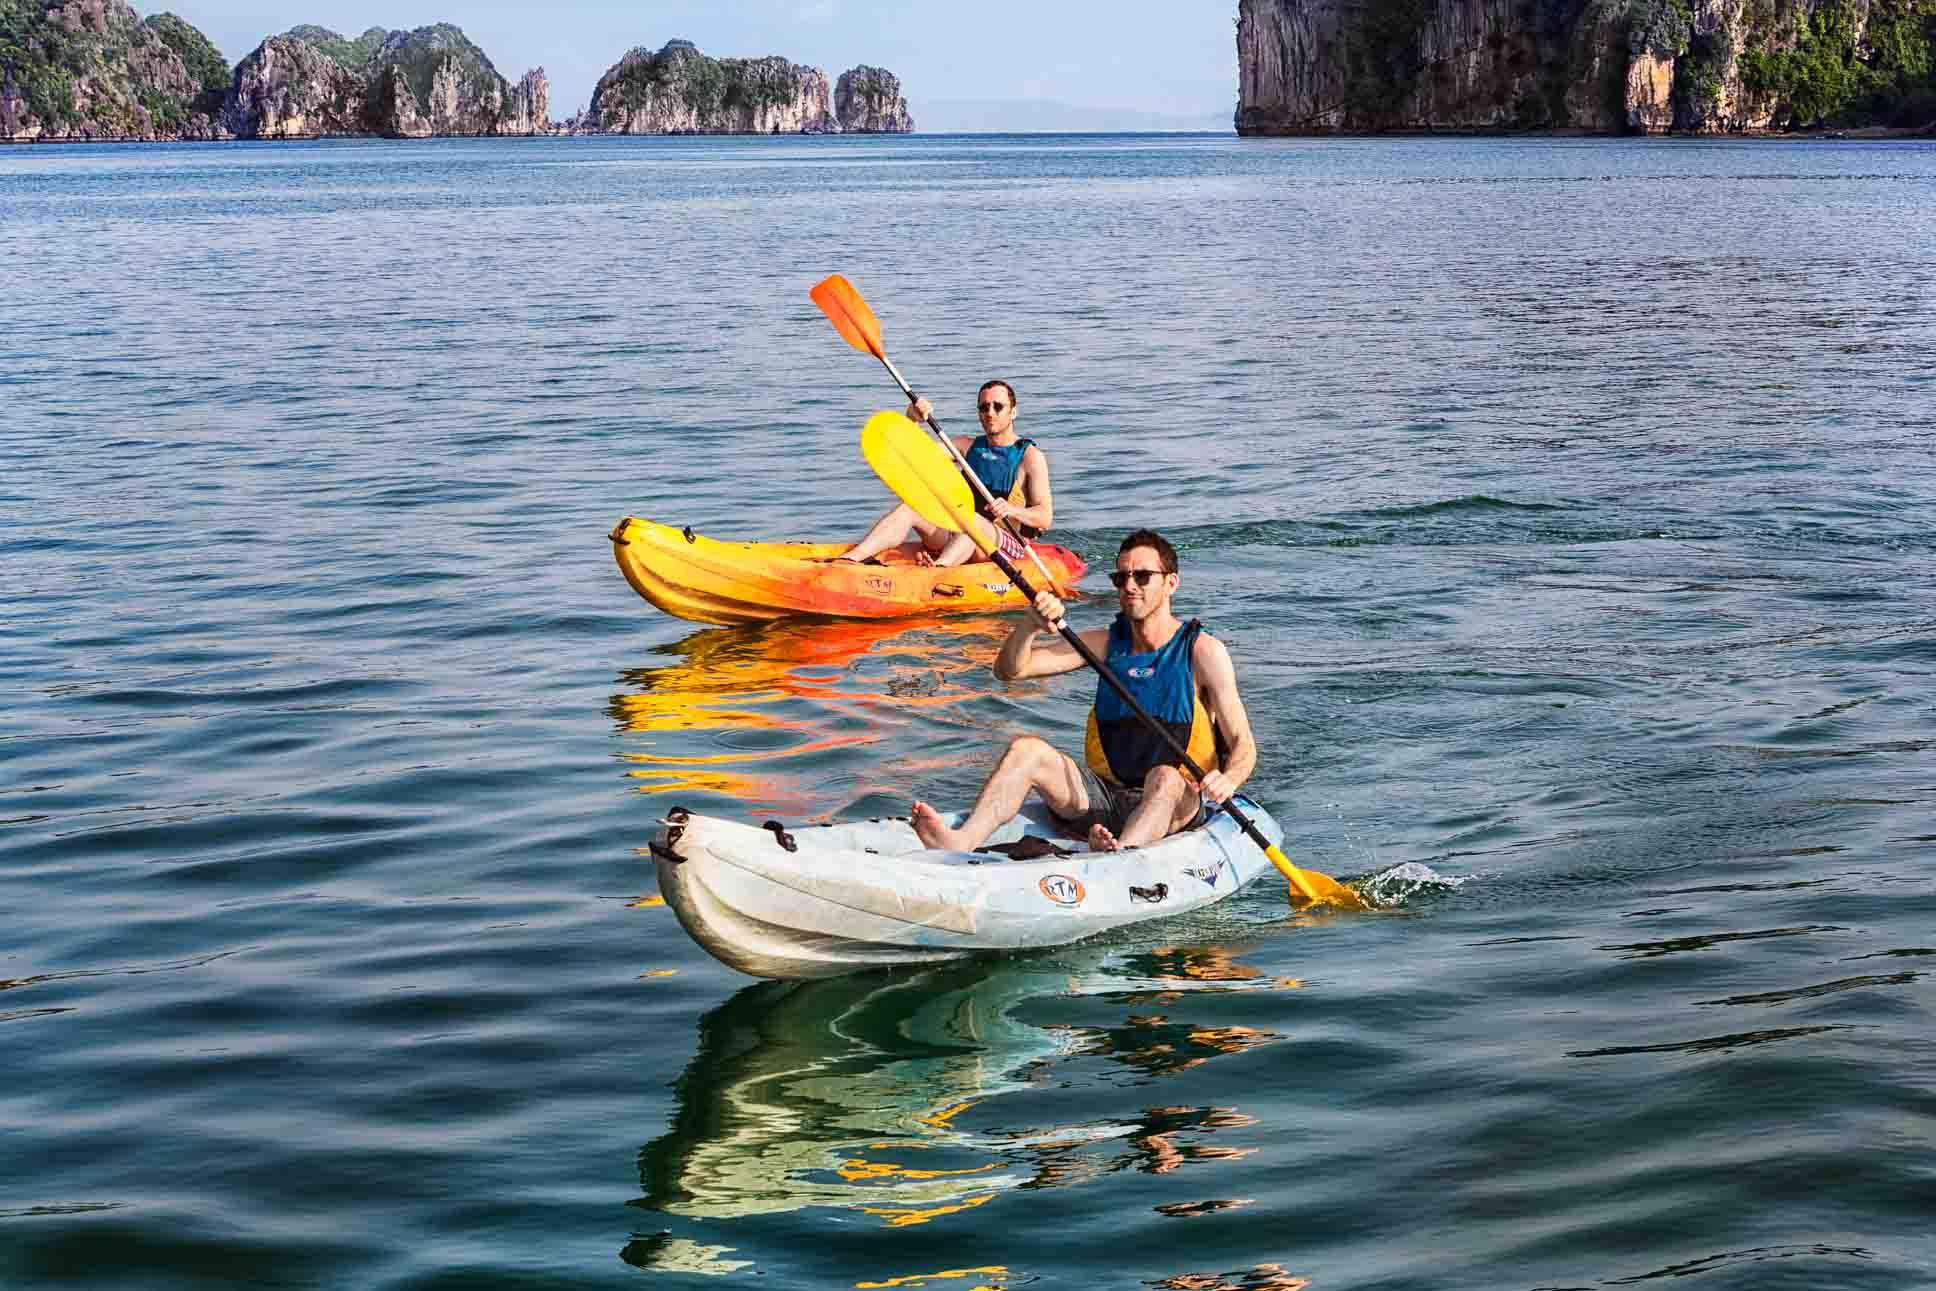 Chẳng cần tới Bali, Quảng Ninh cũng có thế giới vịnh - đảo đẹp nhường này - Ảnh 4.